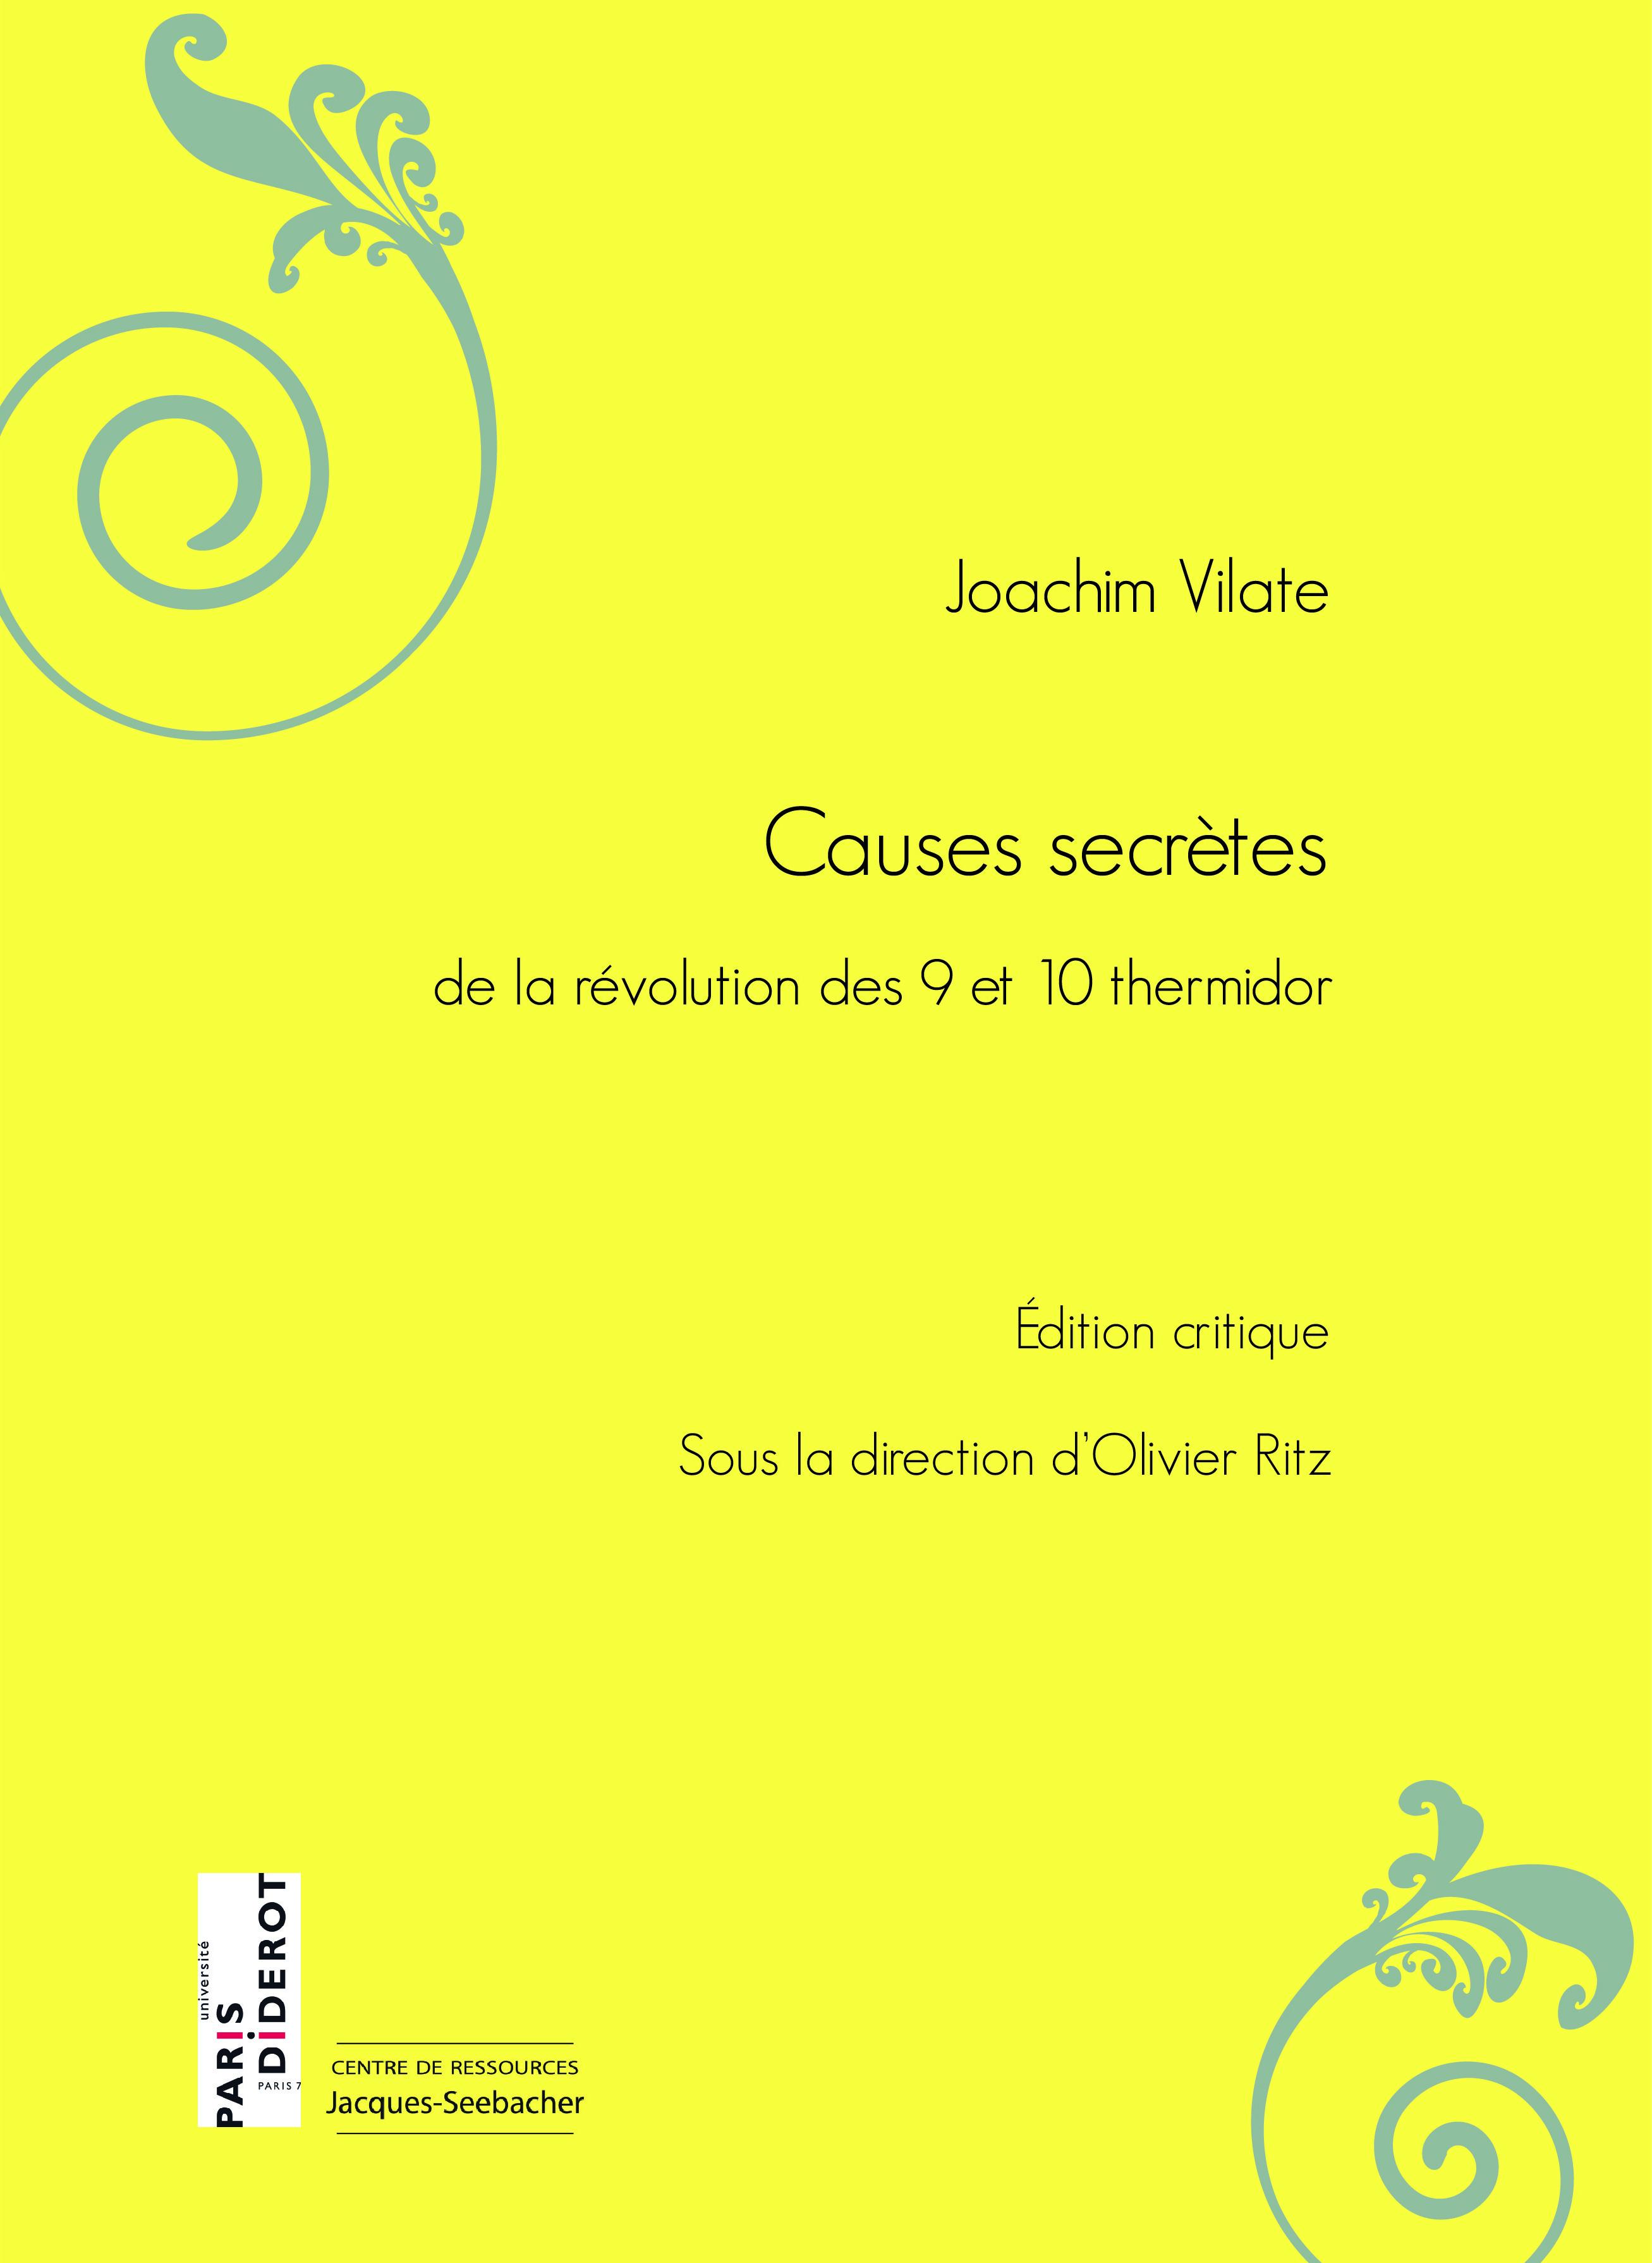 Couverture de l'édition critique des Causes secrètes